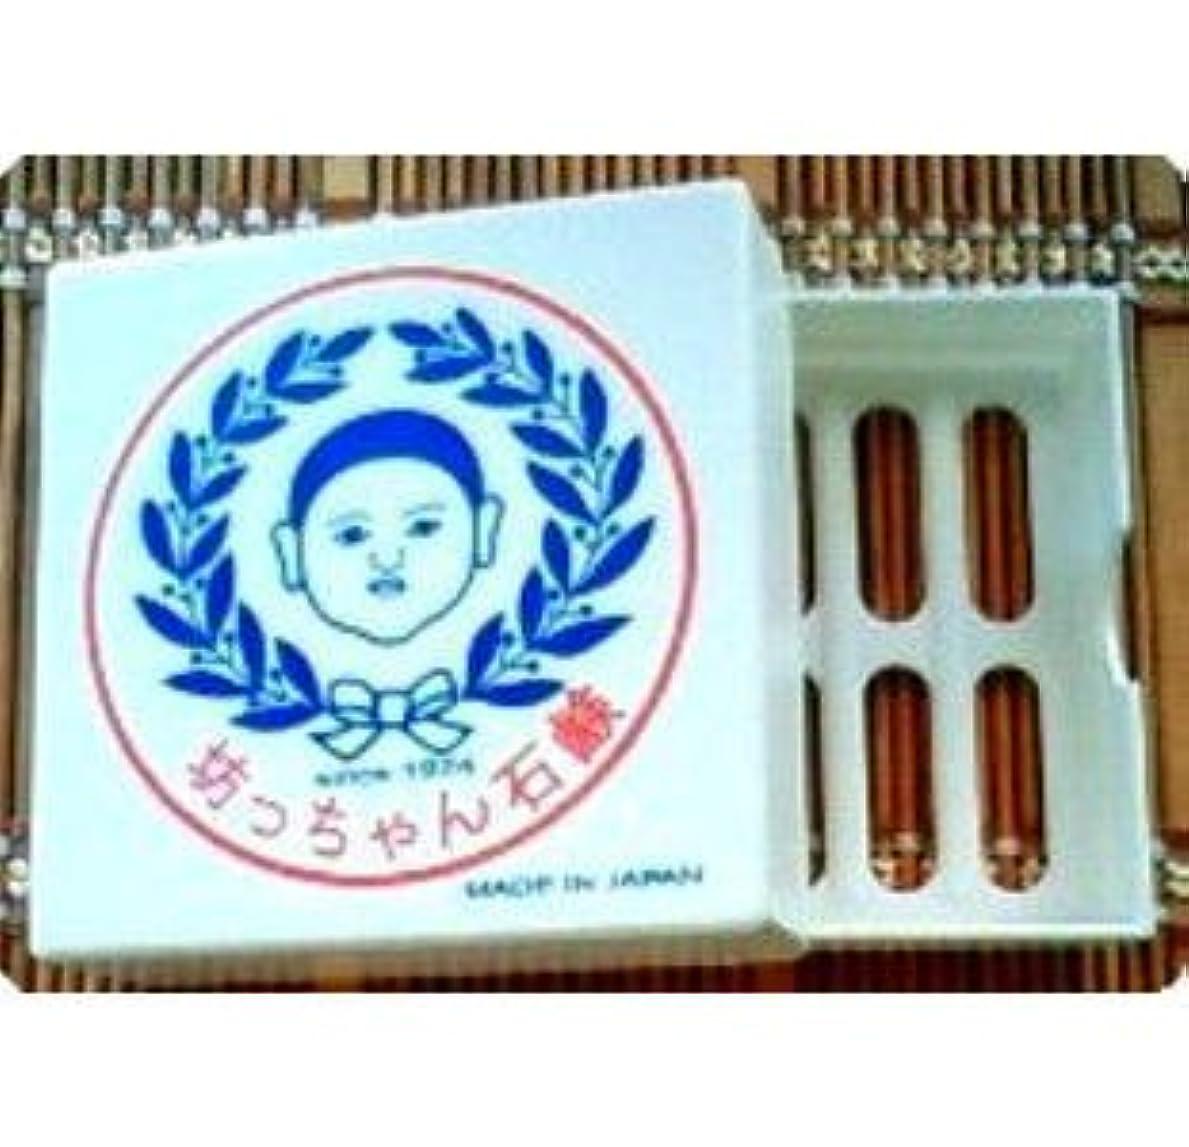 秘書記念碑ランチ坊っちゃん石鹸用ケース(石鹸入れ)